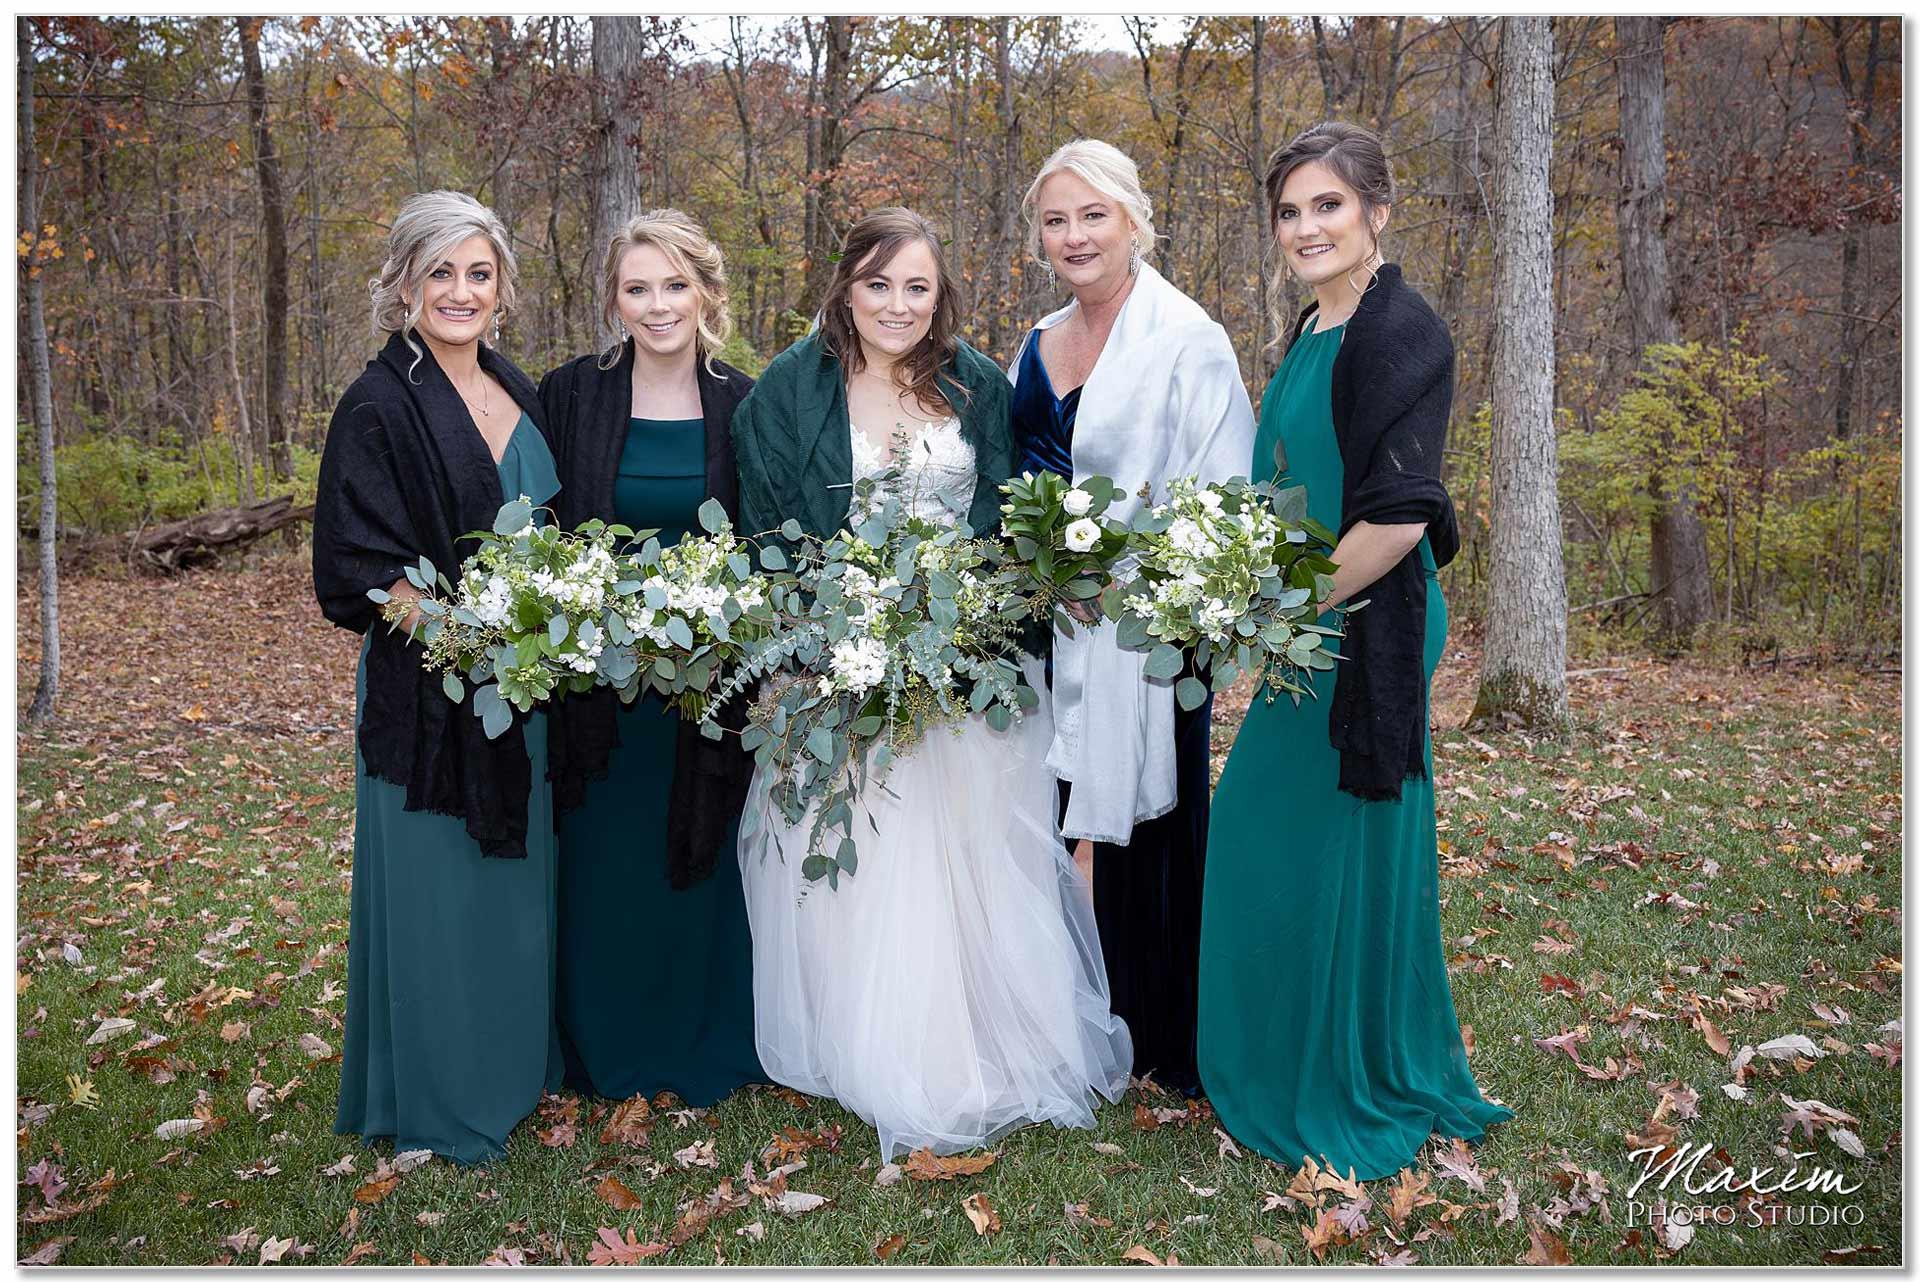 Fassler Florist Cincinnati bride portraits